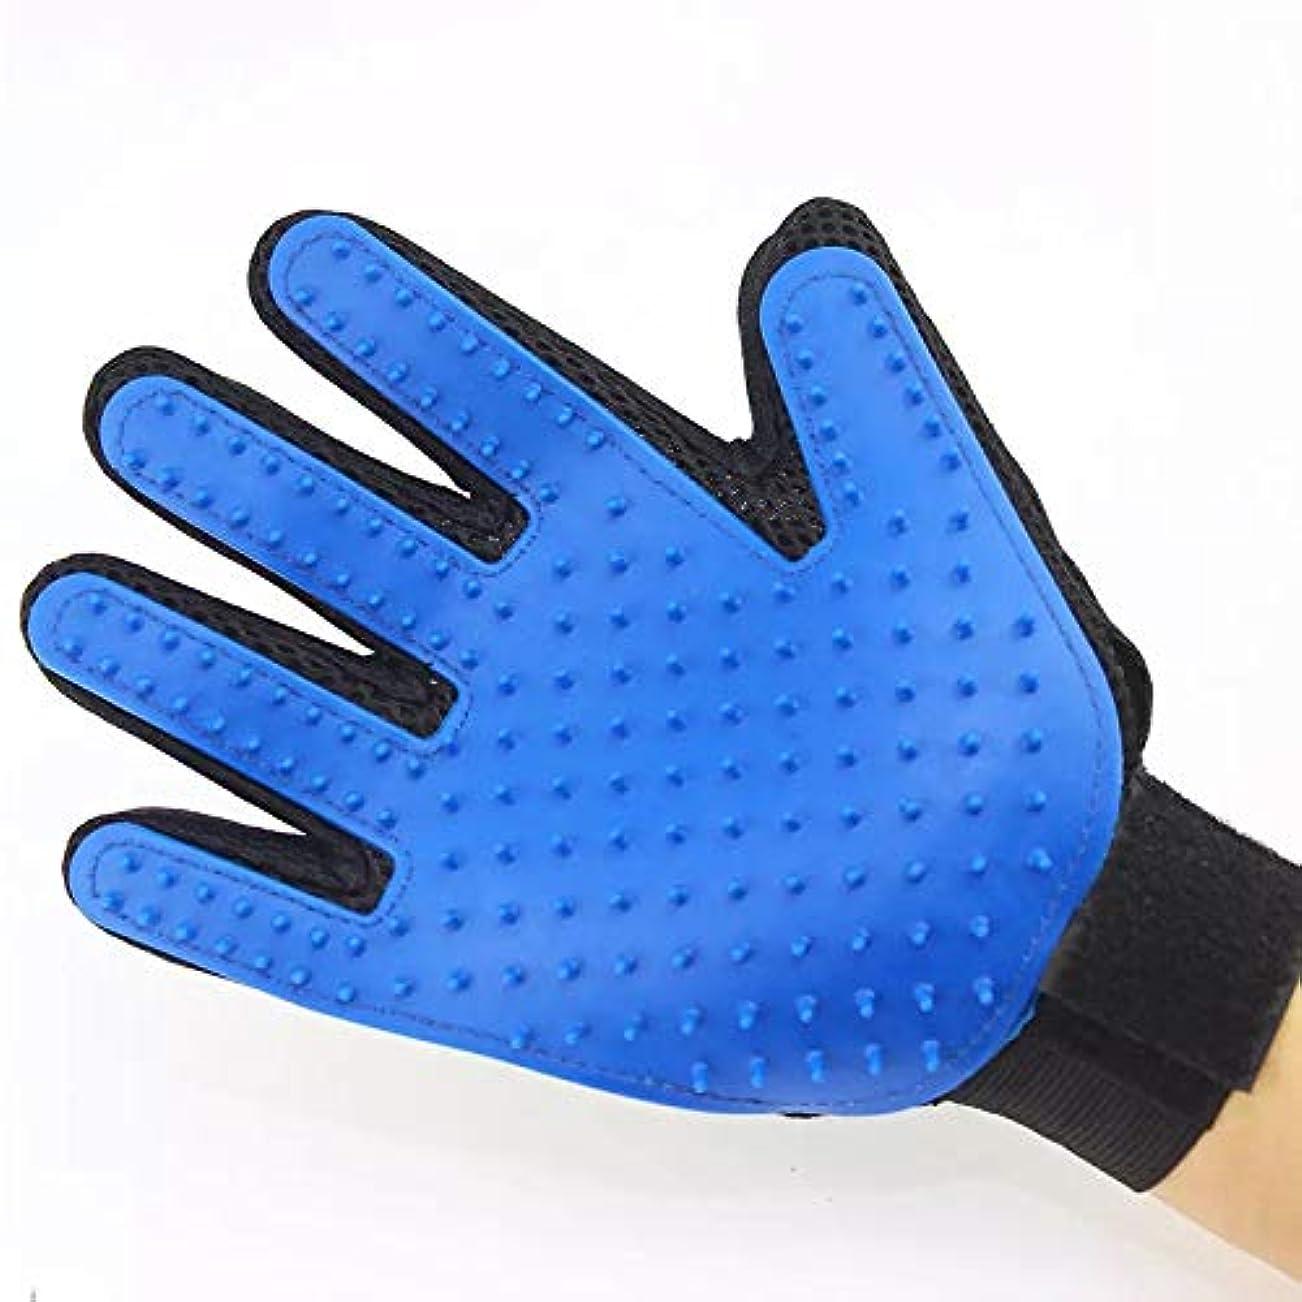 カリキュラムリムボスBTXXYJP ペット ブラシ 手袋 猫 犬 ブラシ グローブ クリーナー 耐摩耗 抜け毛取り マッサージブラシ グローブ (Color : Red, Style : Right hand)